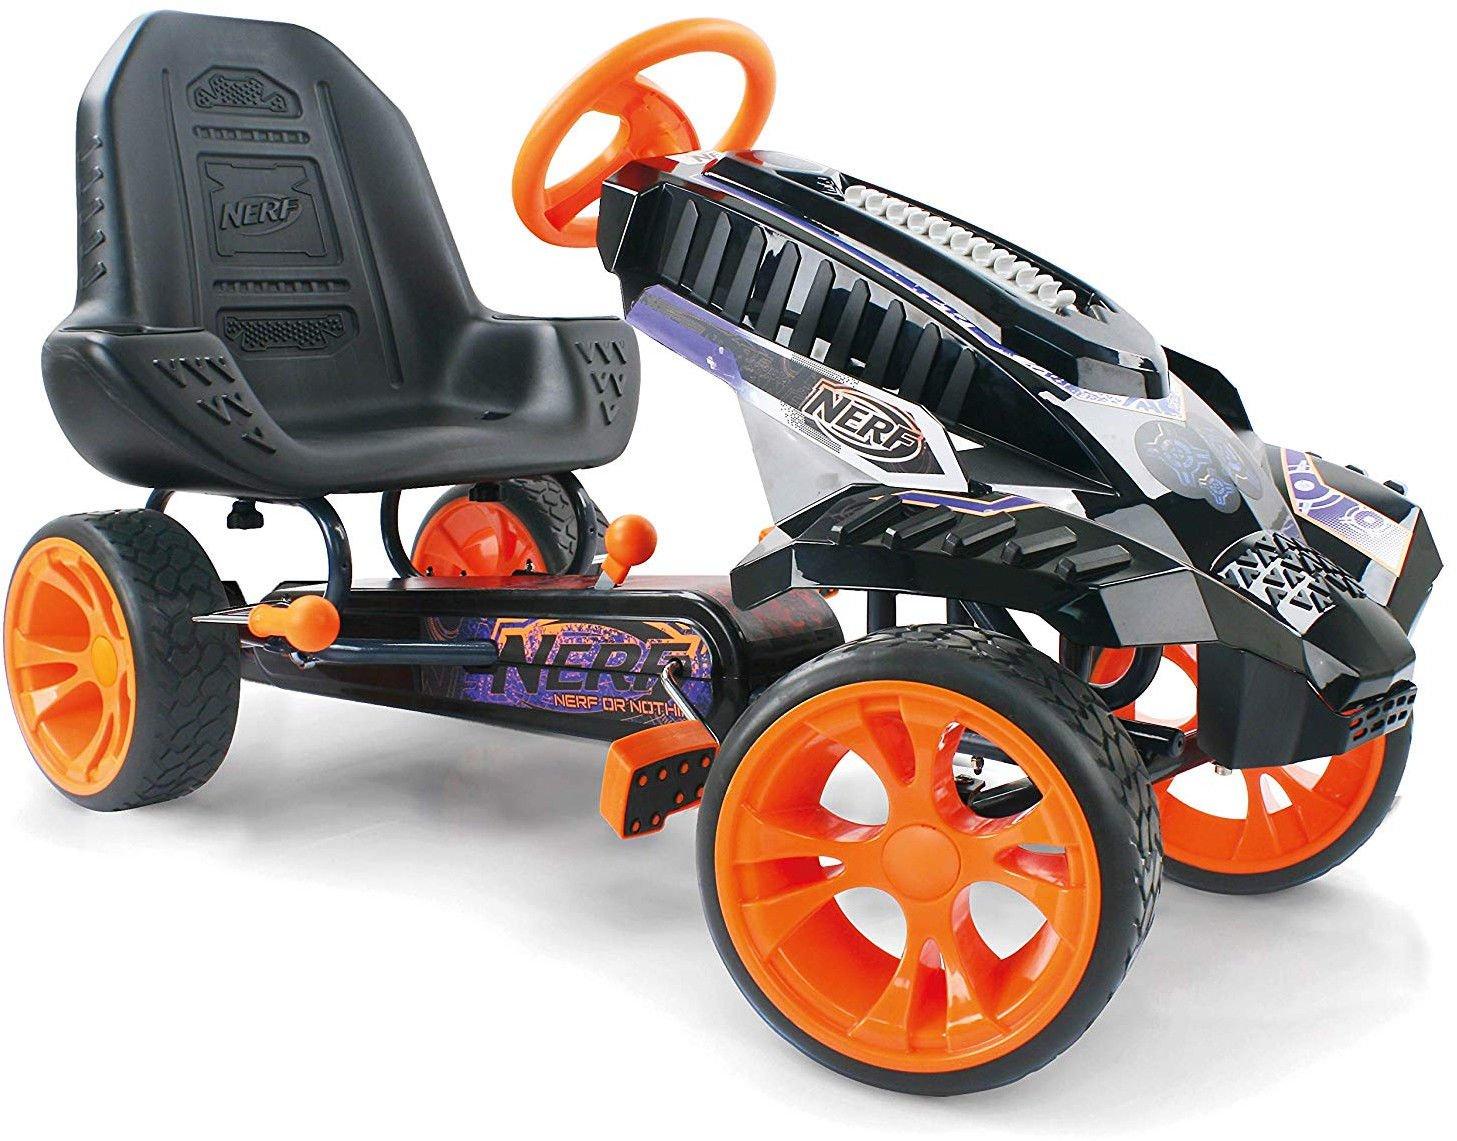 nerf1.jpg?resize=1200,630 - On a déniché le jouet idéal pour votre enfant: la voiture Nerf qui tire des balles en mousse !